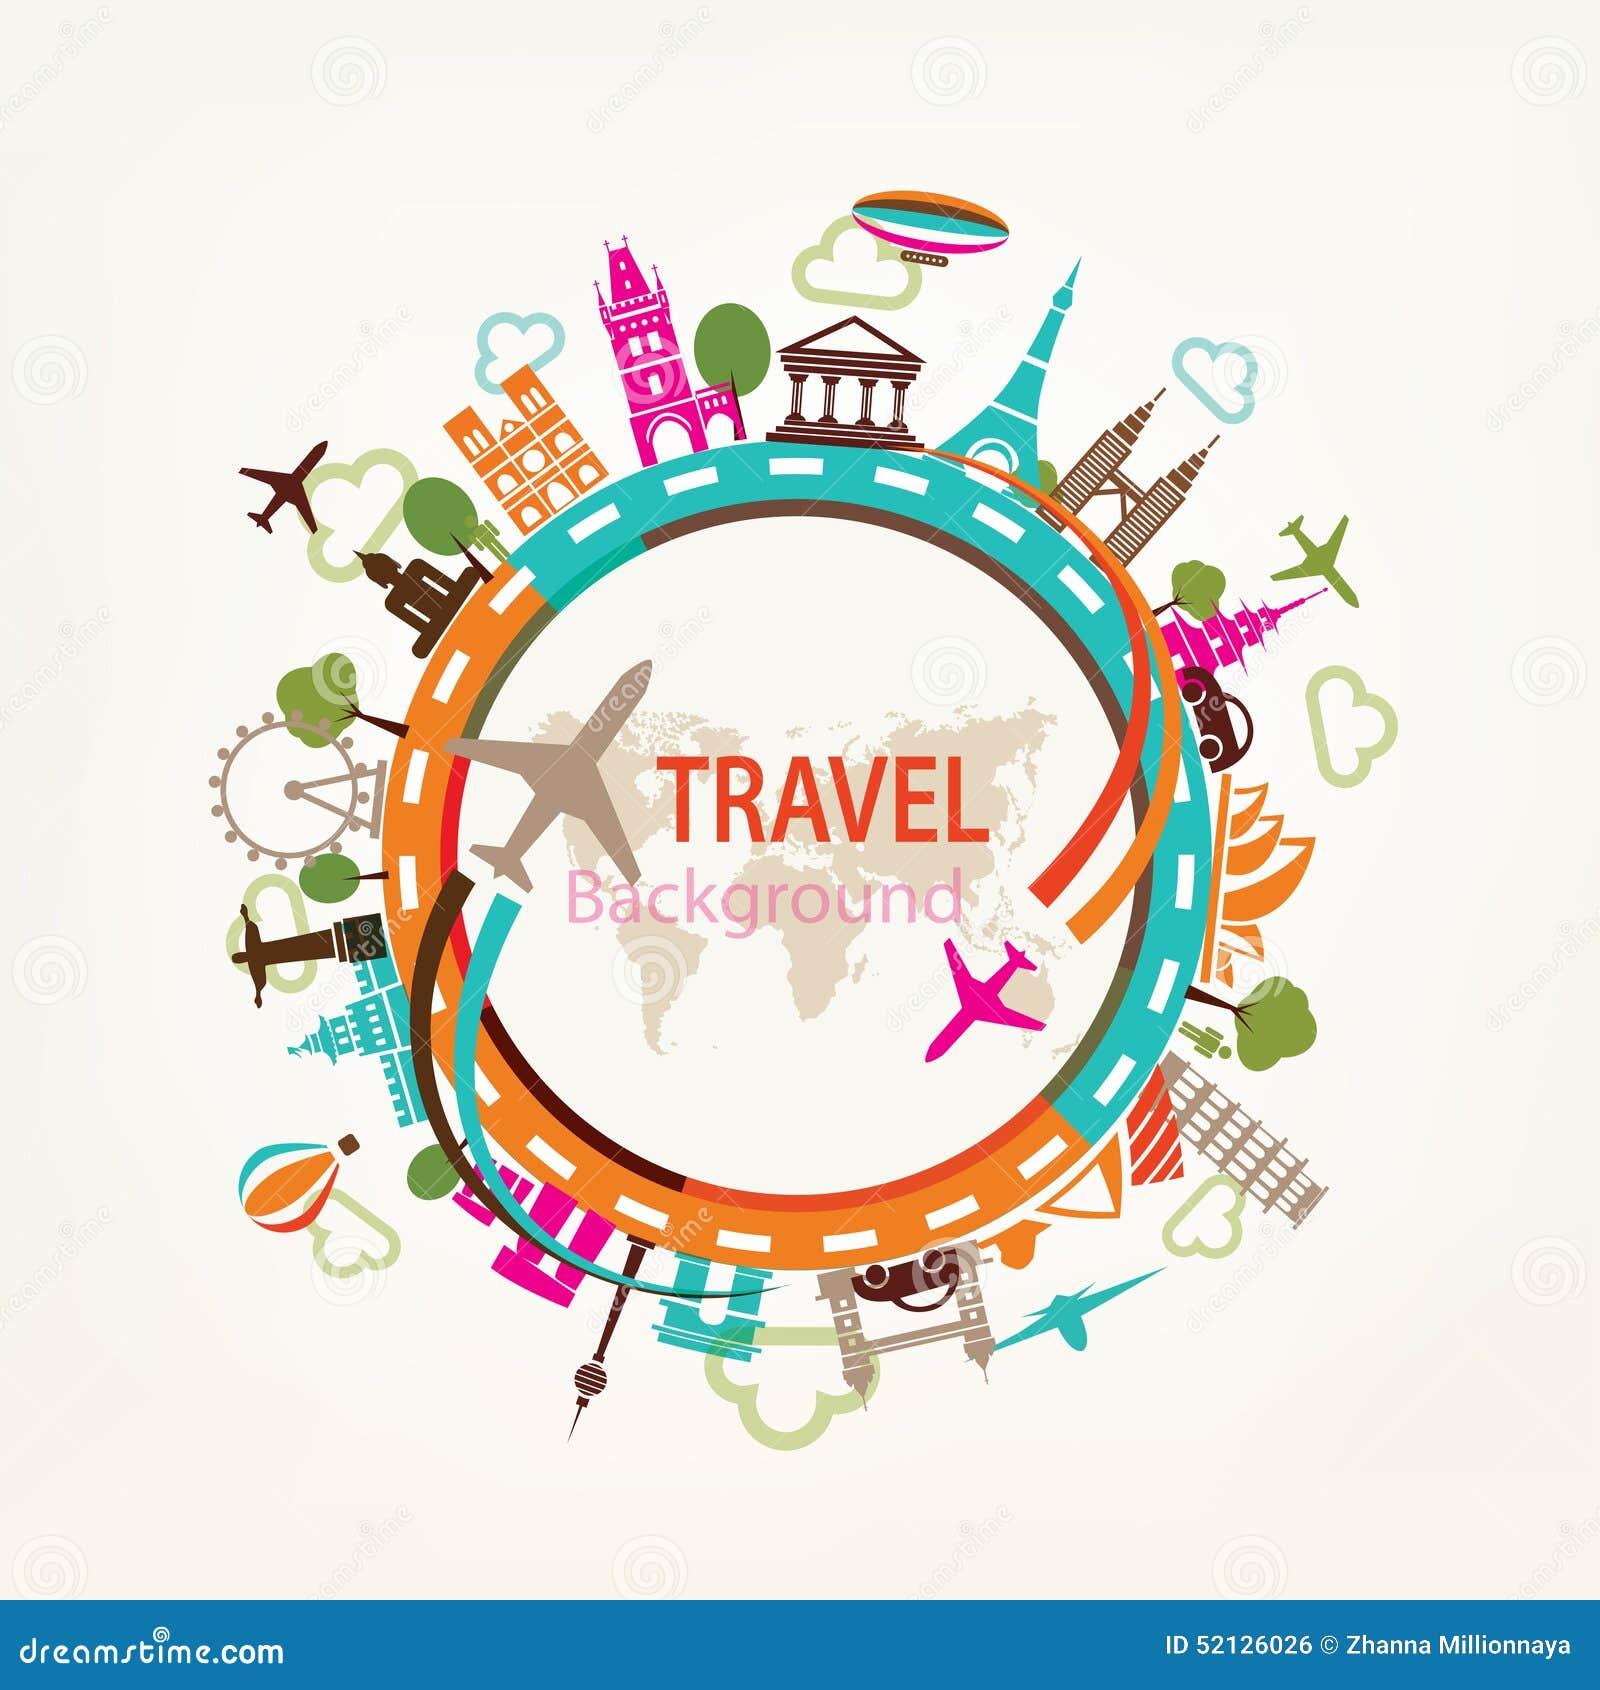 World Travel, siluetas de las señales